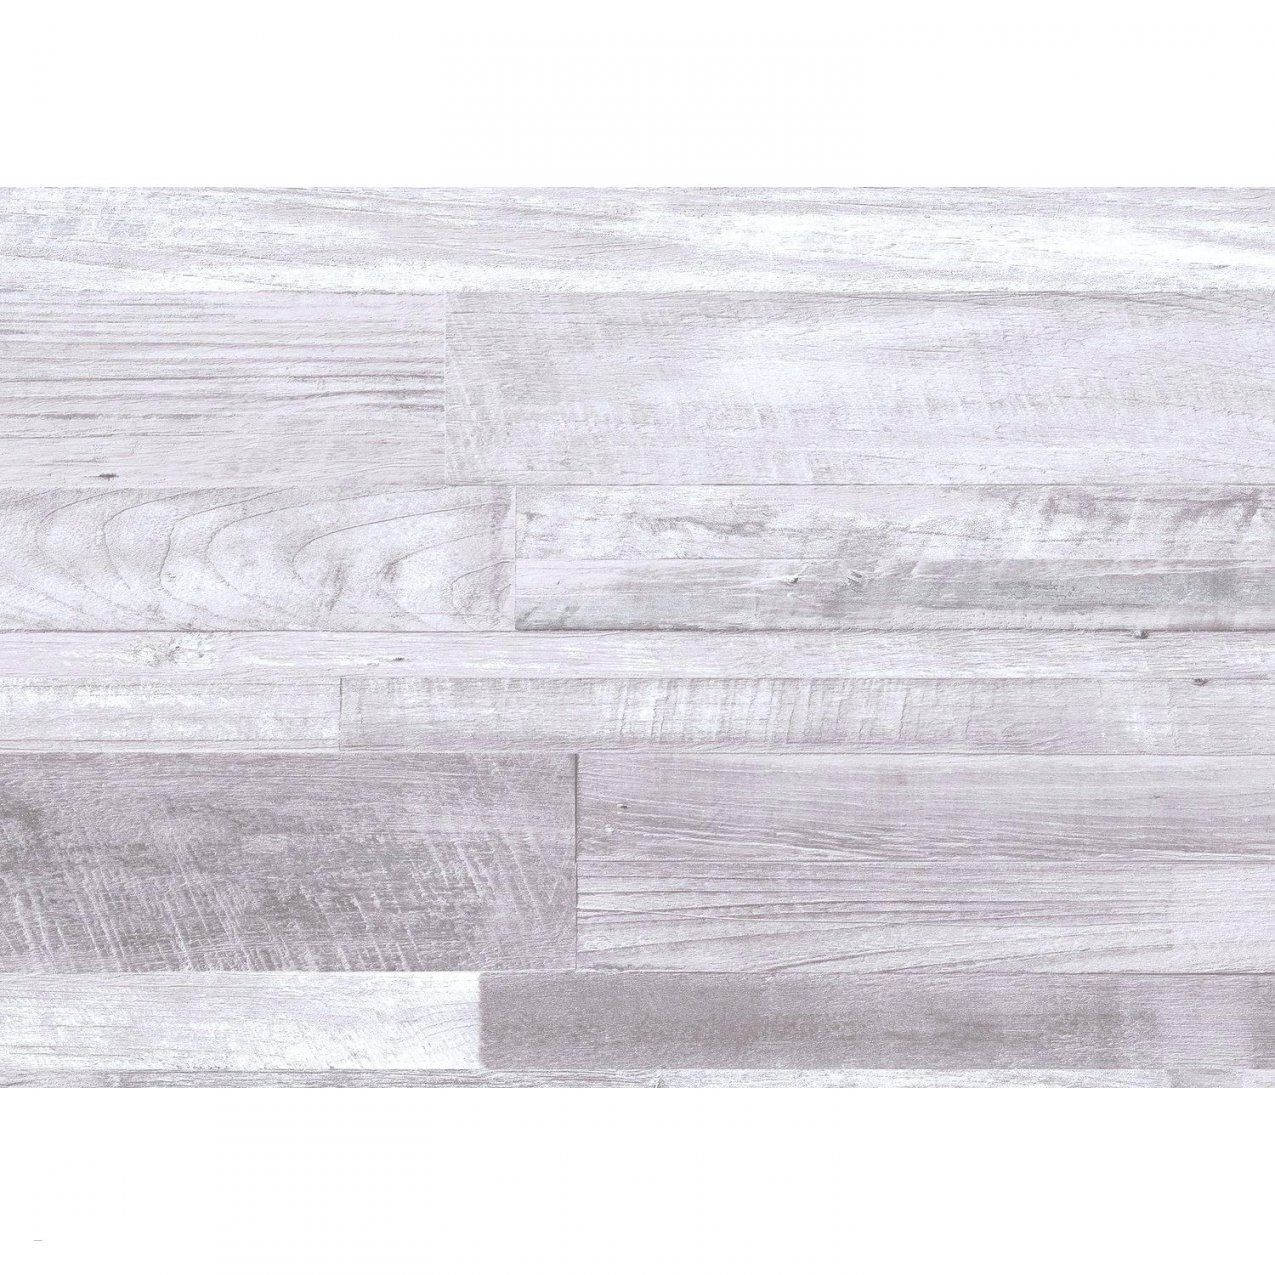 Fliesen Tapete Kuche Obi Extremely Creative Wohnzimmer Wandfliesen